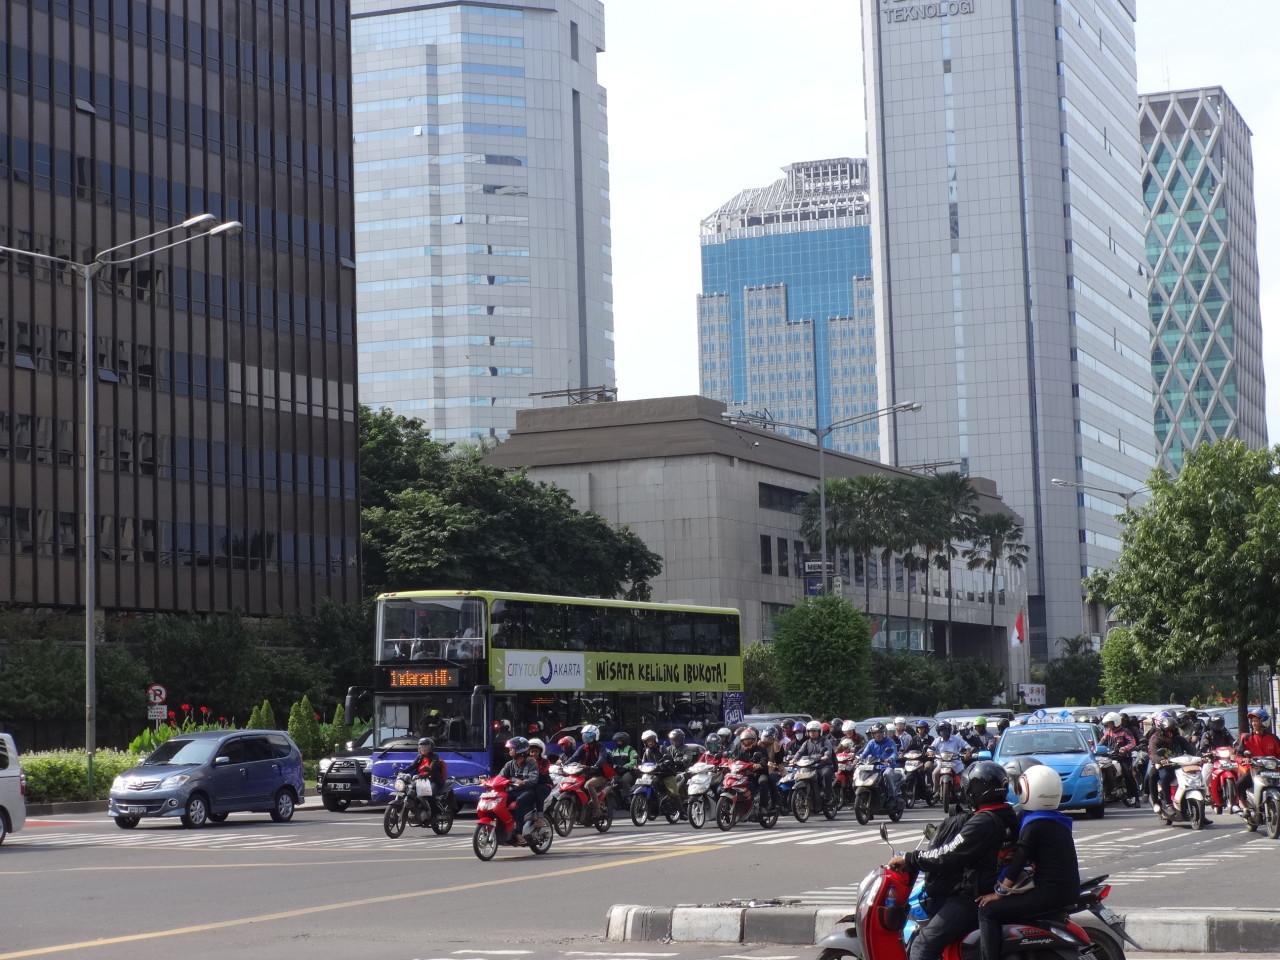 Hier sieht Jakartas Verkehr noch regelrecht geordnet aus - alle Fahrzeuge fahren gerade an einer roten Ampel an. @f1rstlife/ Elisa Miebach